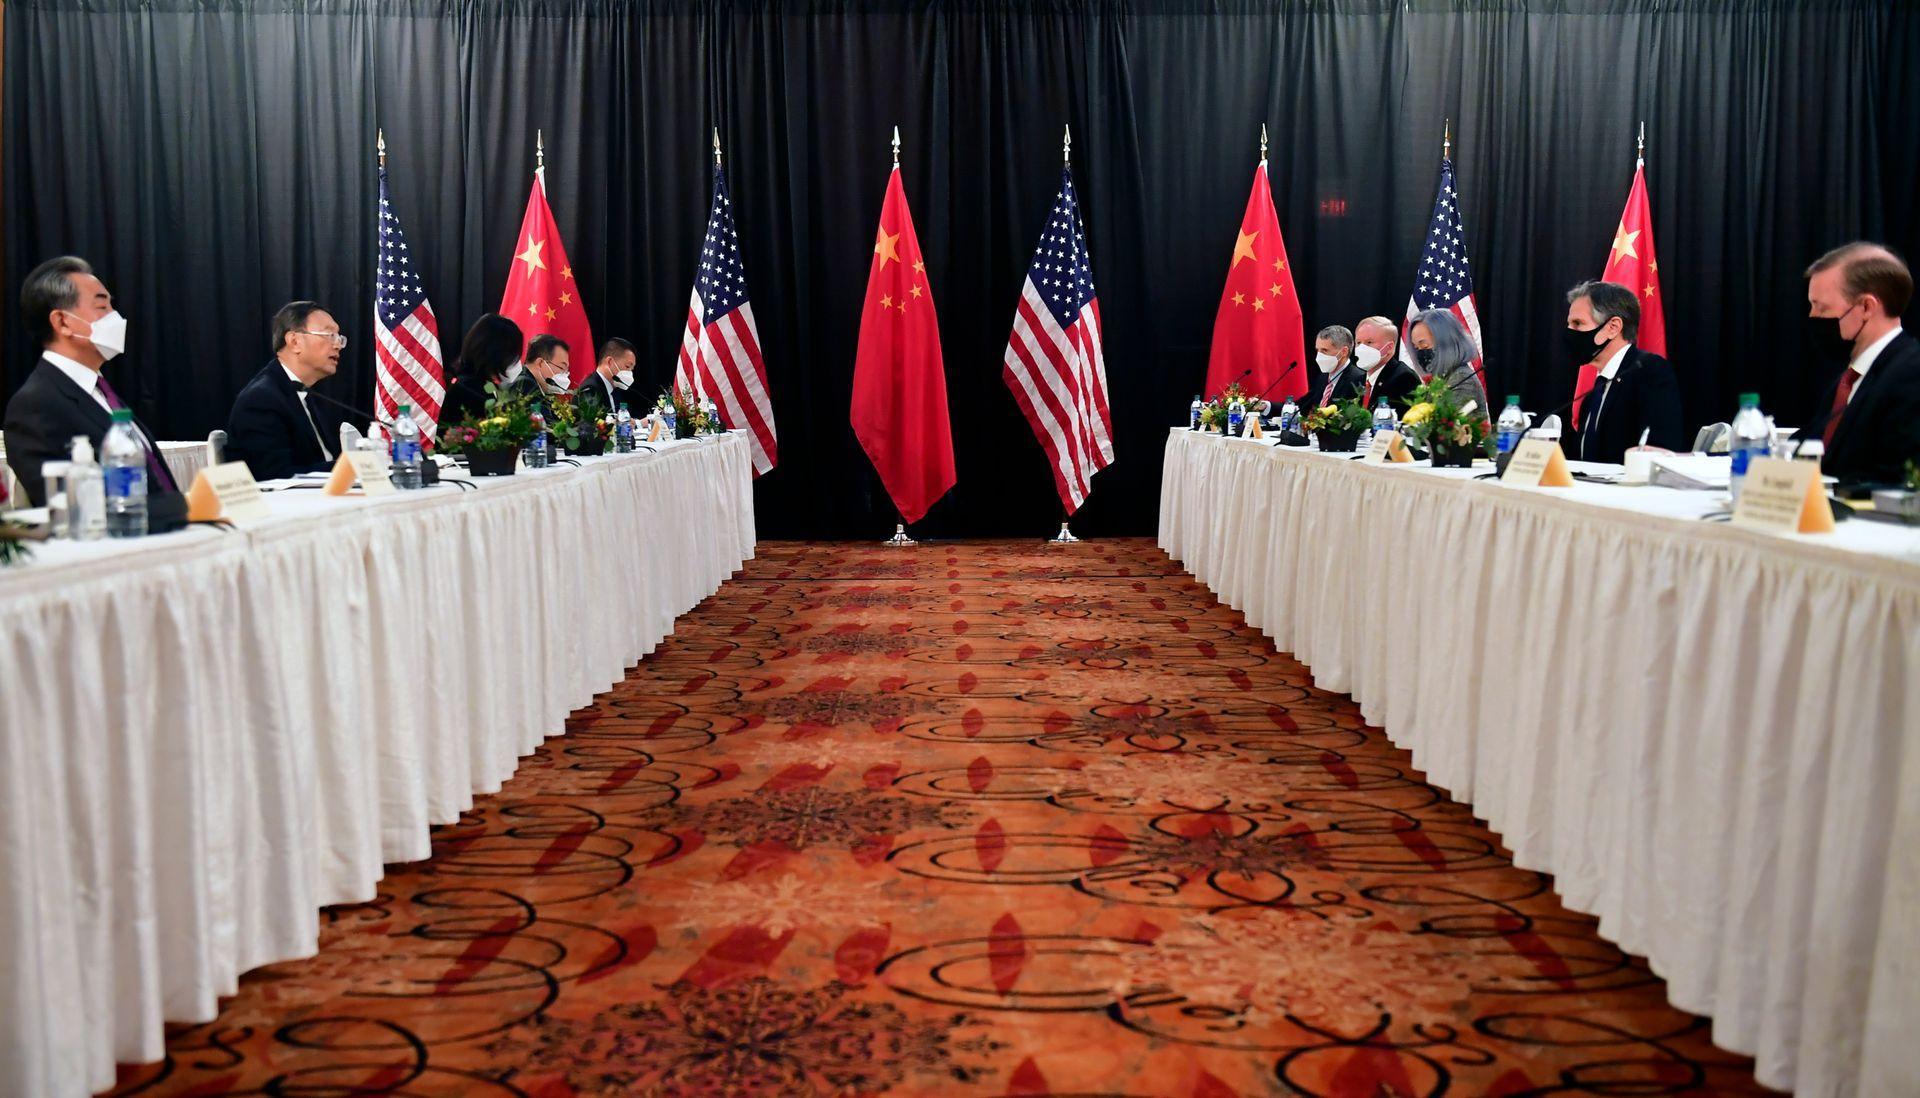 李显龙指明中国战胜美国关键要素,引爆中国舆论(组图)